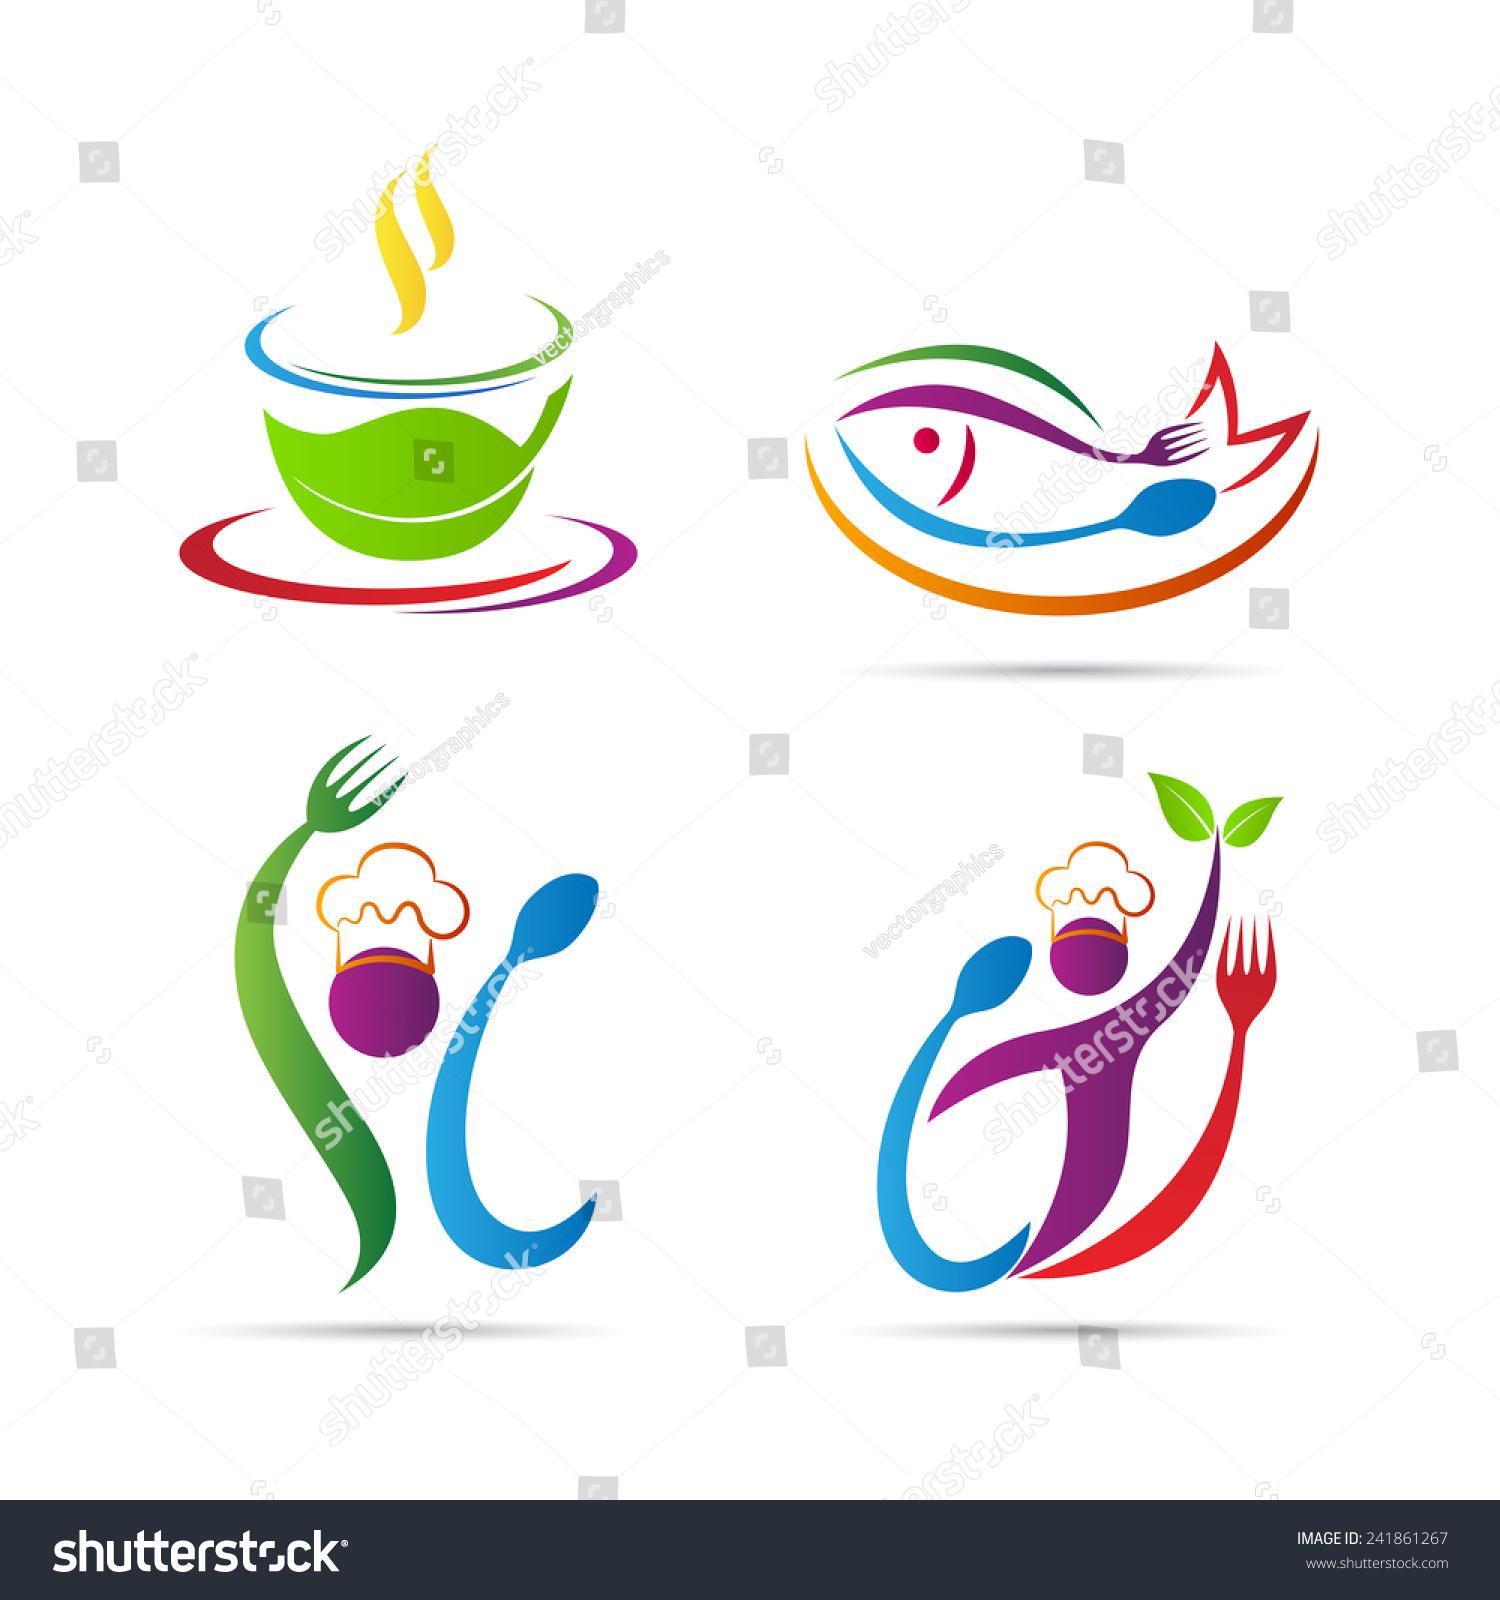 Restaurant logo vector design isolated on stock